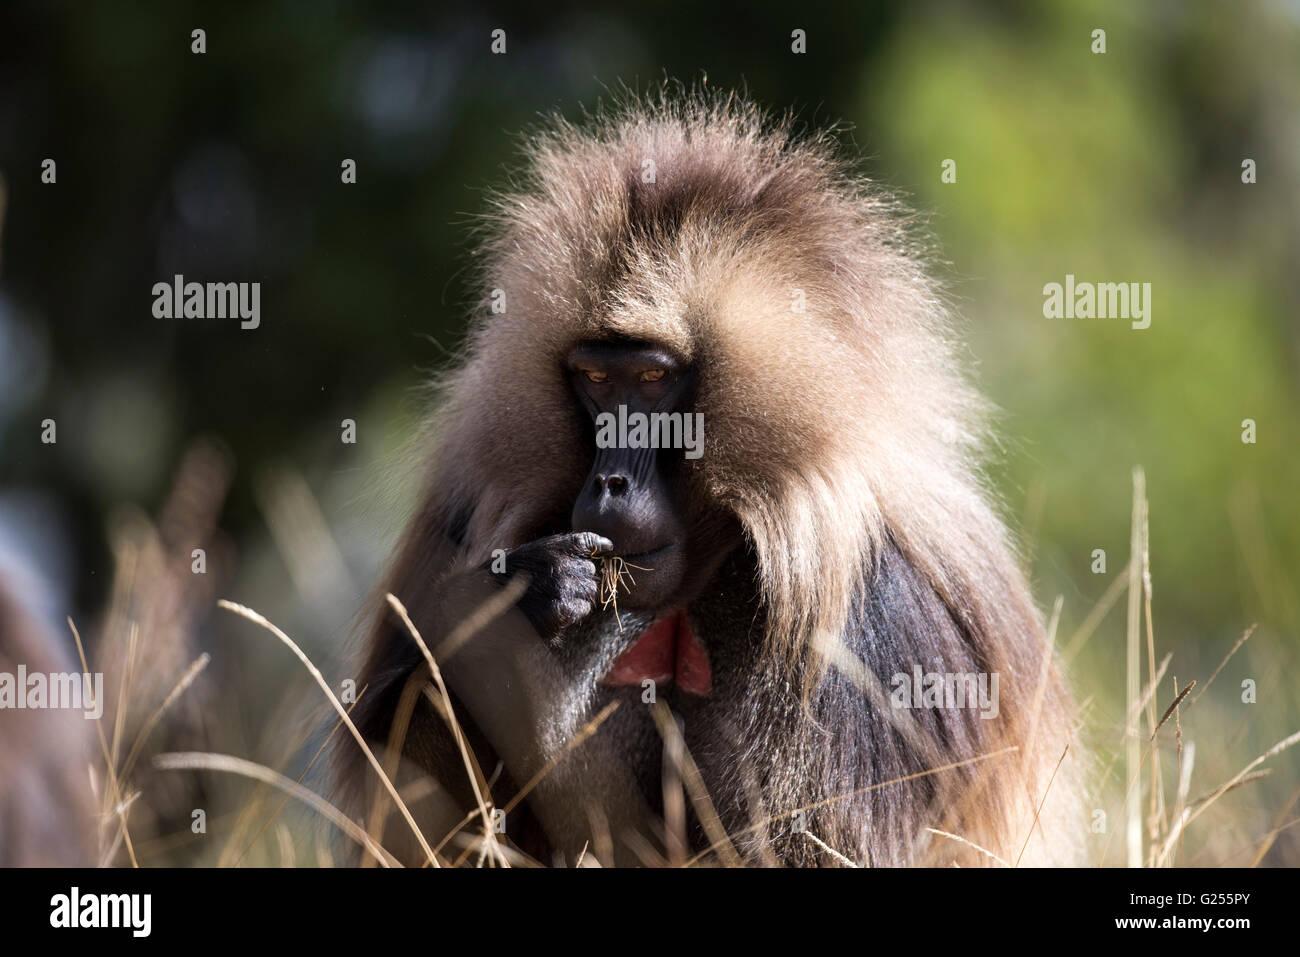 Gelada Monkey feeding on grass Simien Mountains National Park, Ethiopia - Stock Image